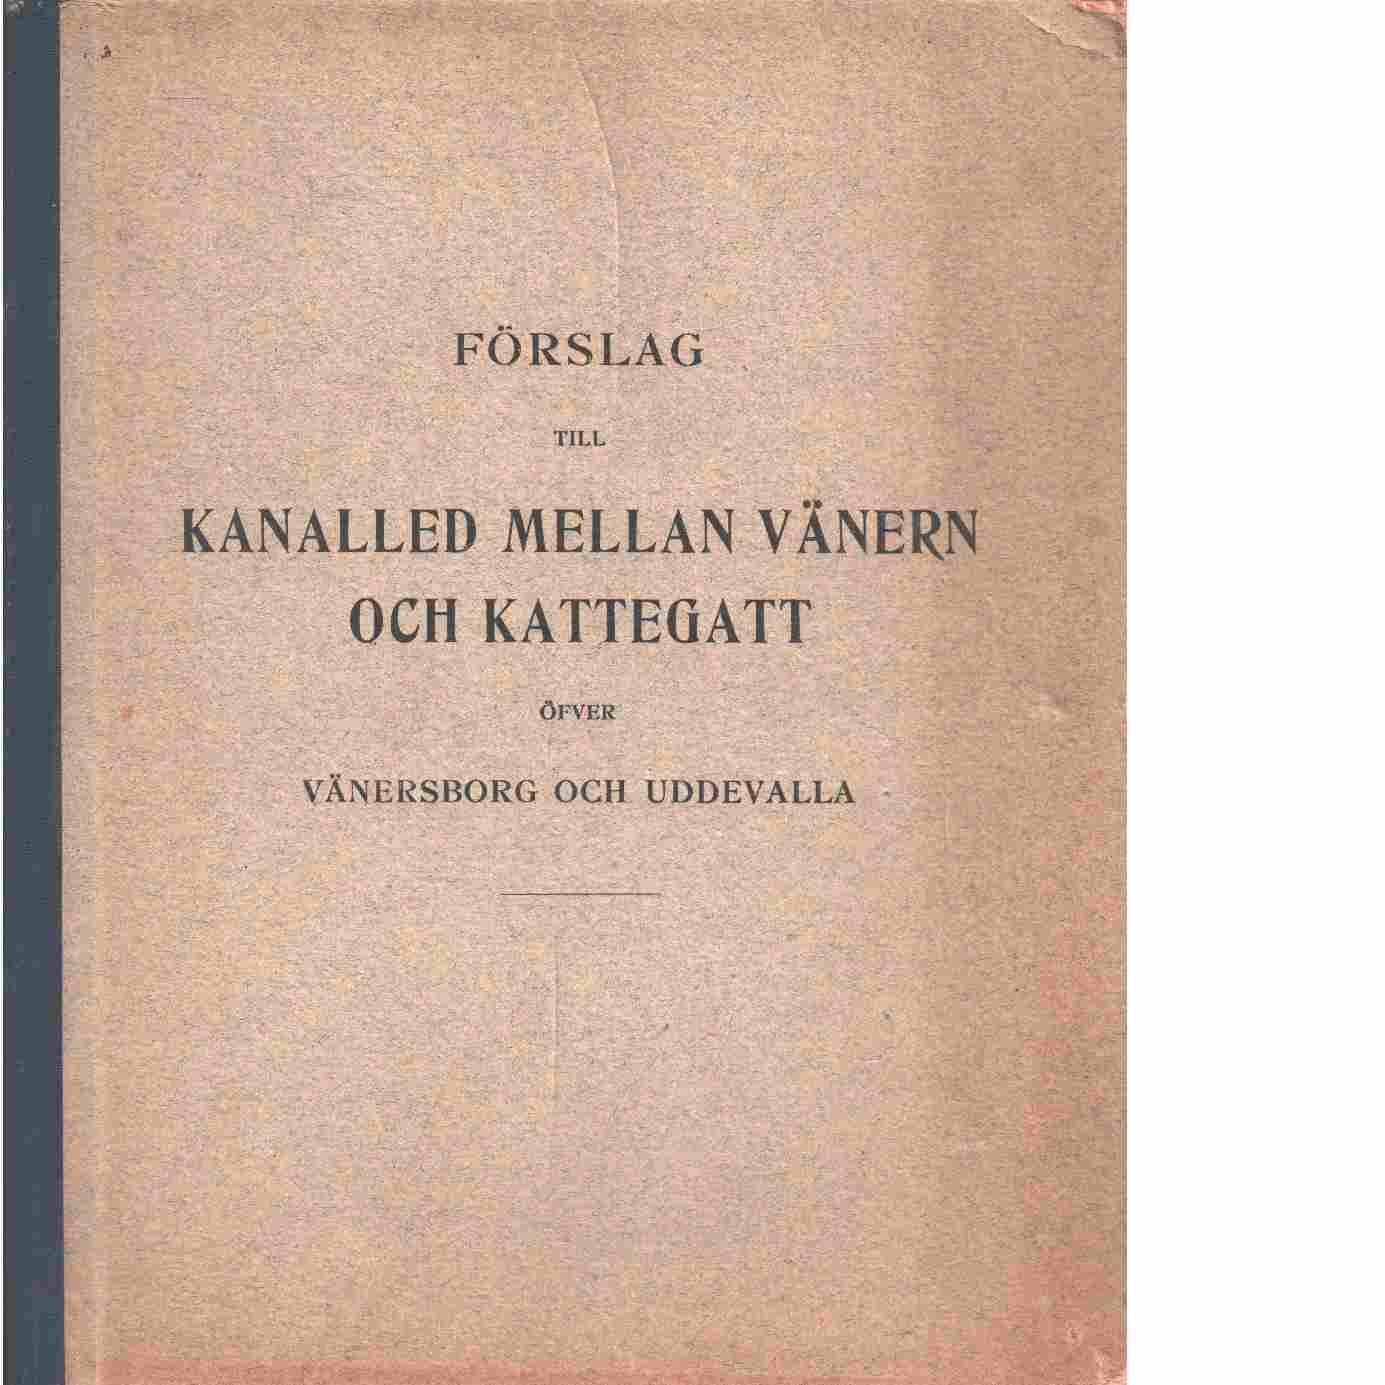 Förslag till kanalled mellan Vänern och Kattegatt öfver Vänersborg och Uddevalla - Red.